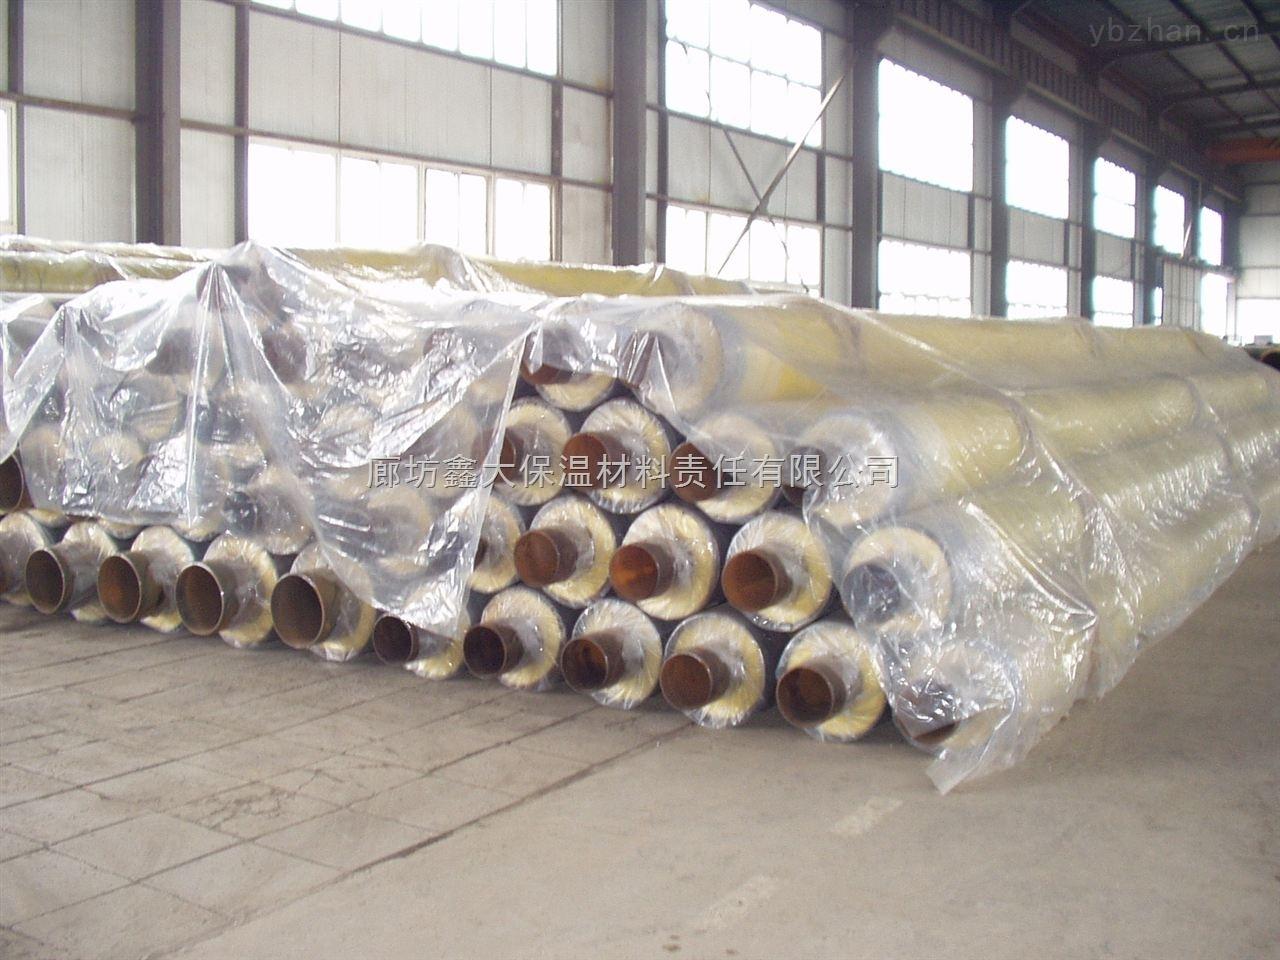 高密度架空聚乙烯保温管,预制复合保温管制作工艺